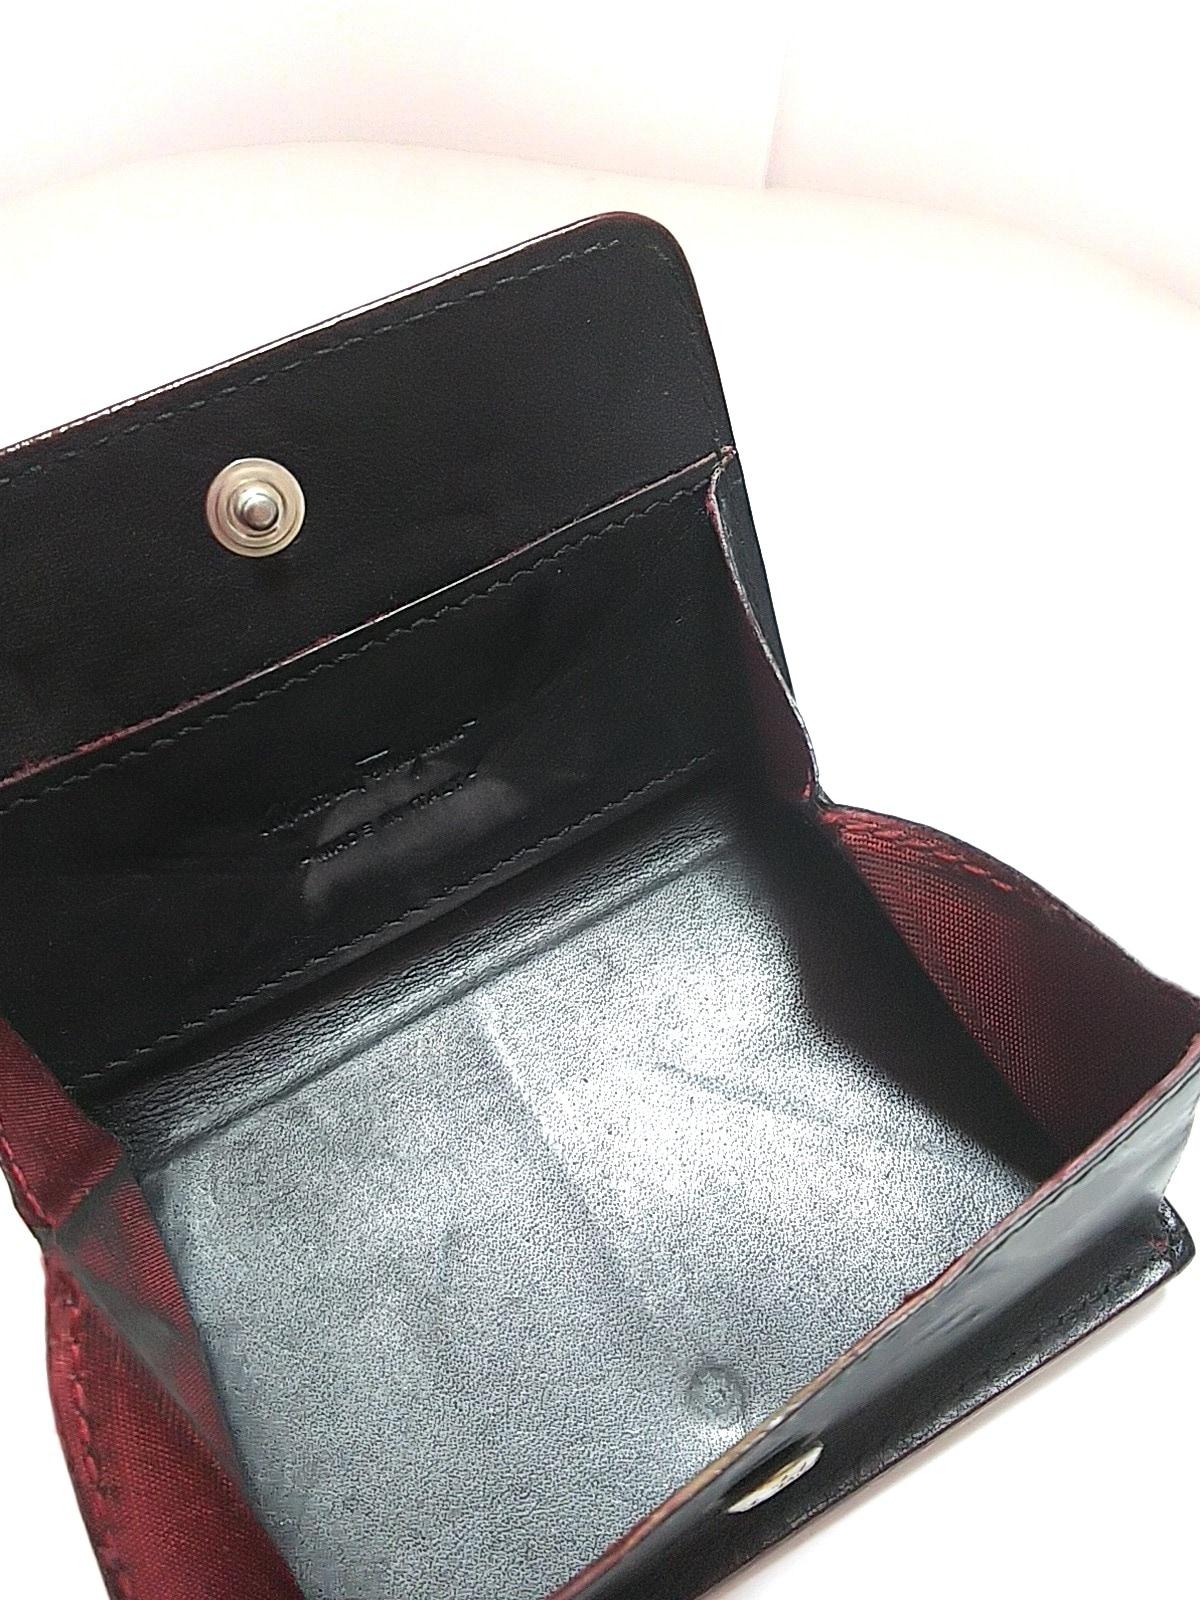 SalvatoreFerragamo(サルバトーレフェラガモ)のコインケース